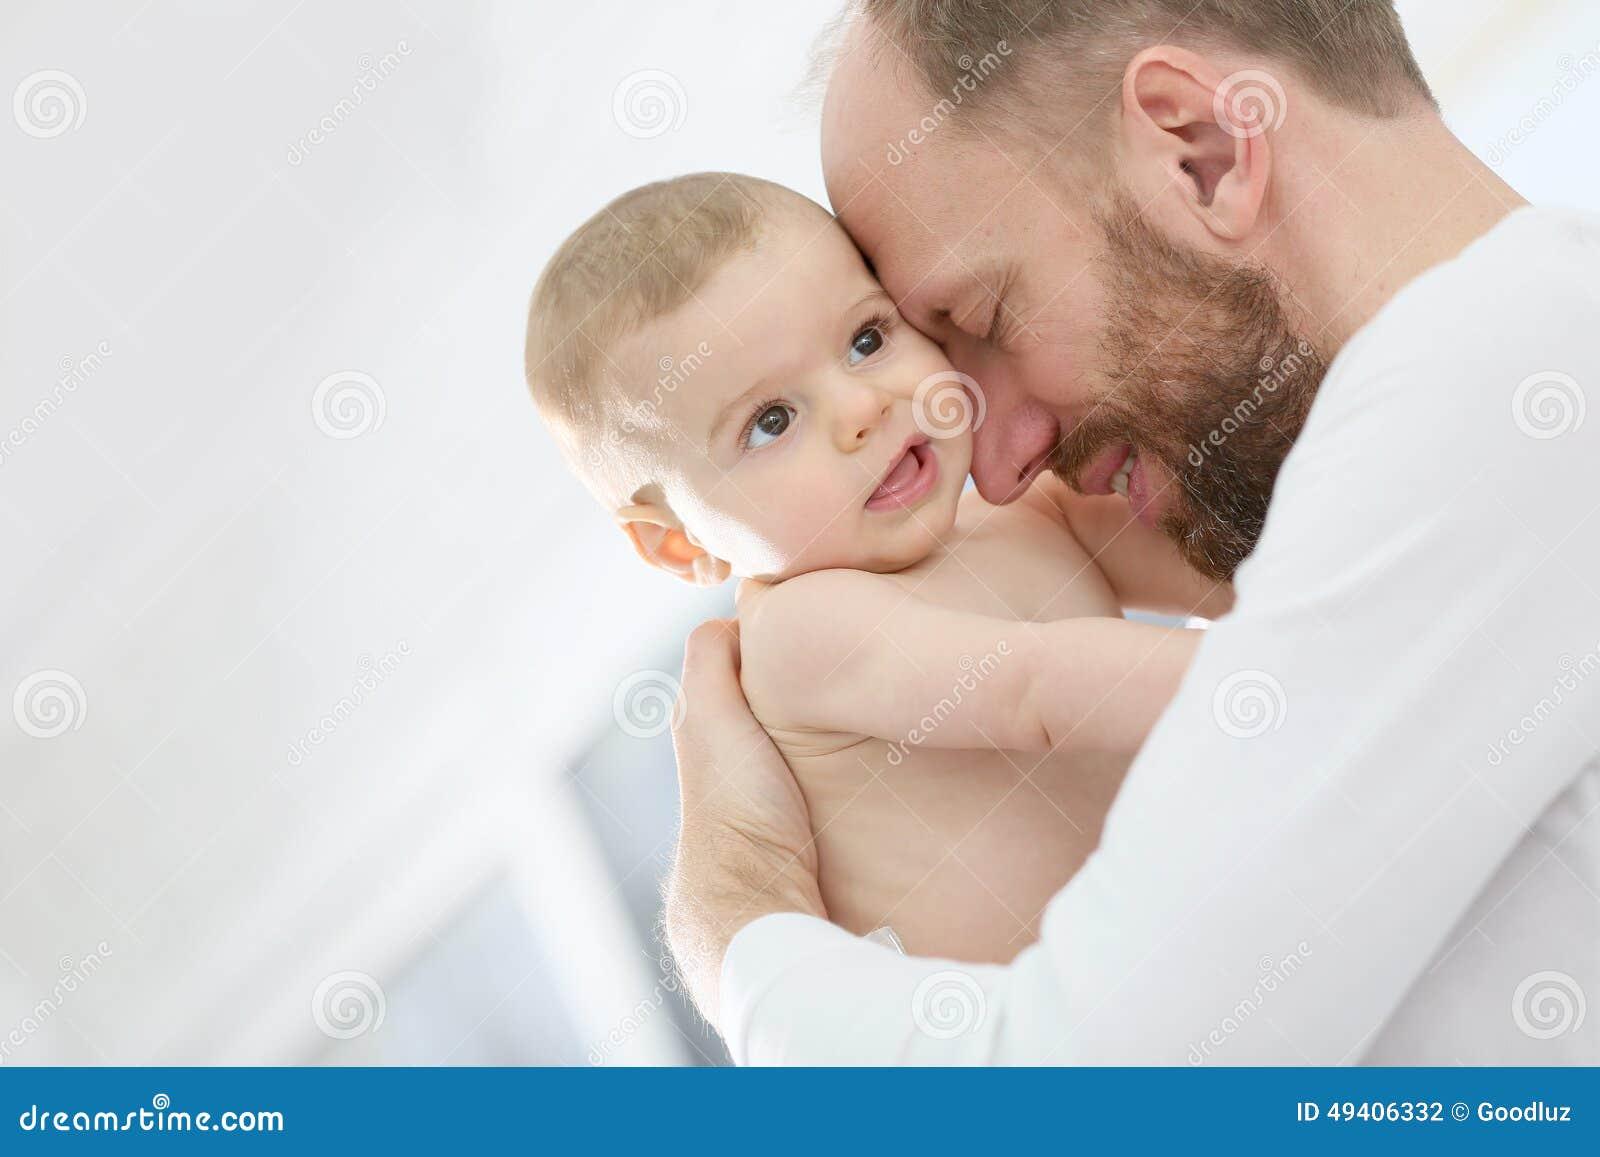 Download Porträt Eines Vaters, Der Sein Baby Streichelt Stockfoto - Bild von streicheln, glück: 49406332